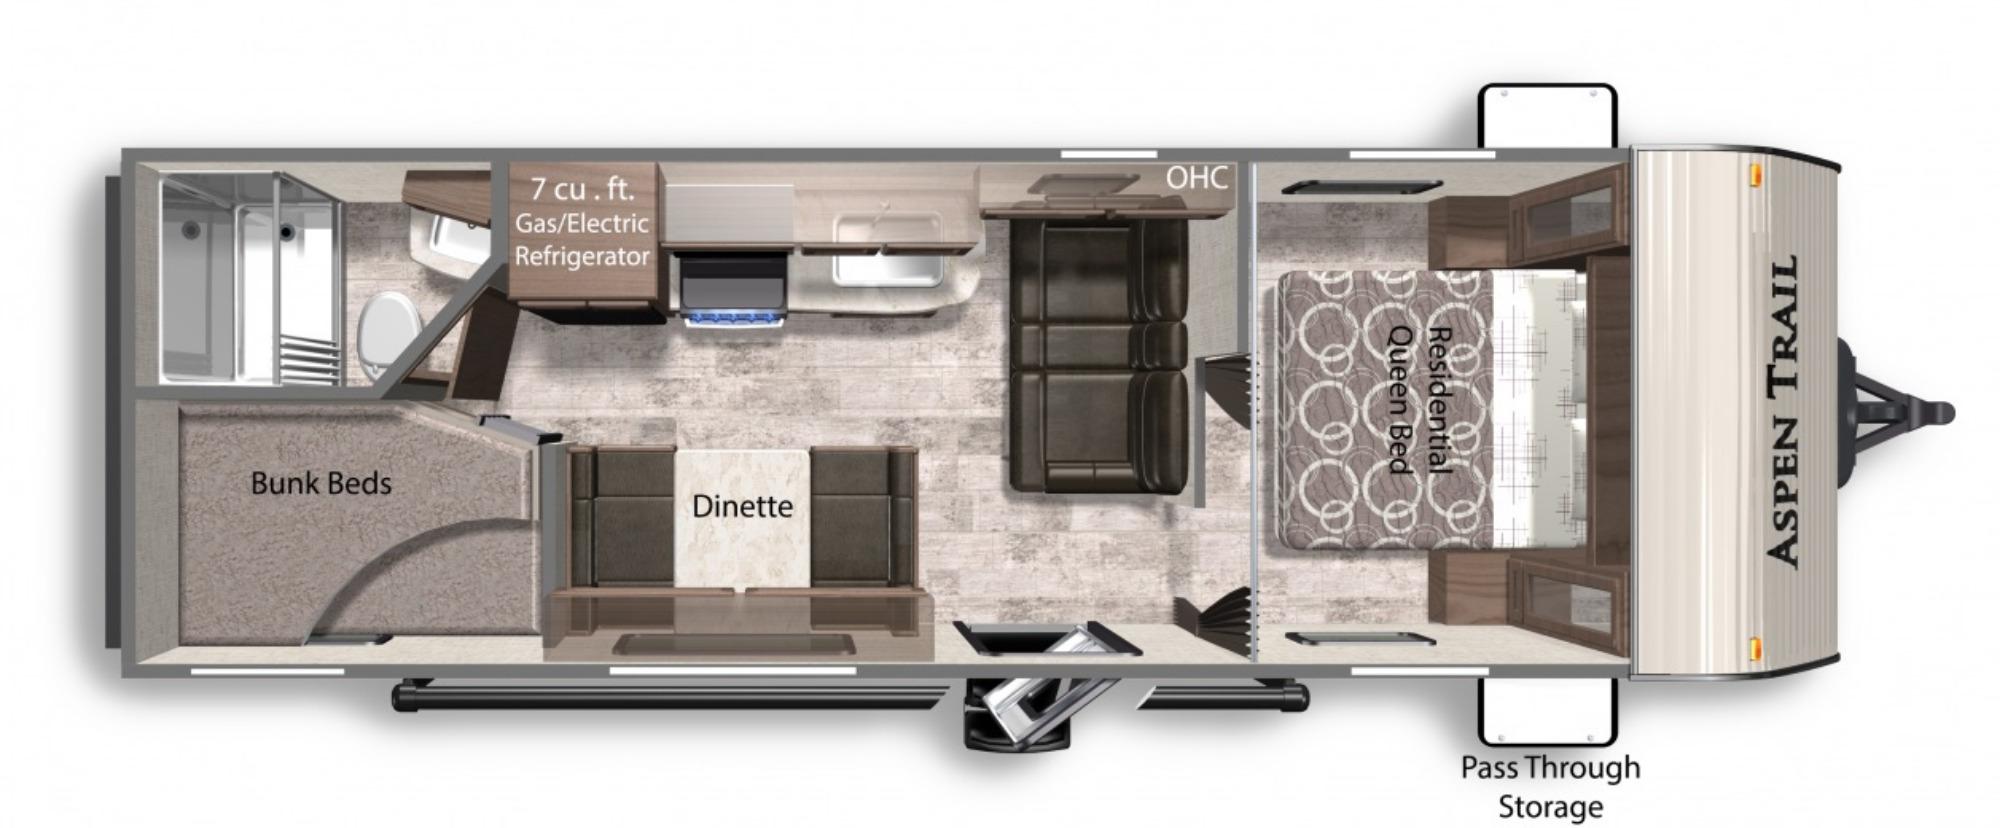 View Floor Plan for 2021 DUTCHMEN ASPEN TRAIL LE 25BH